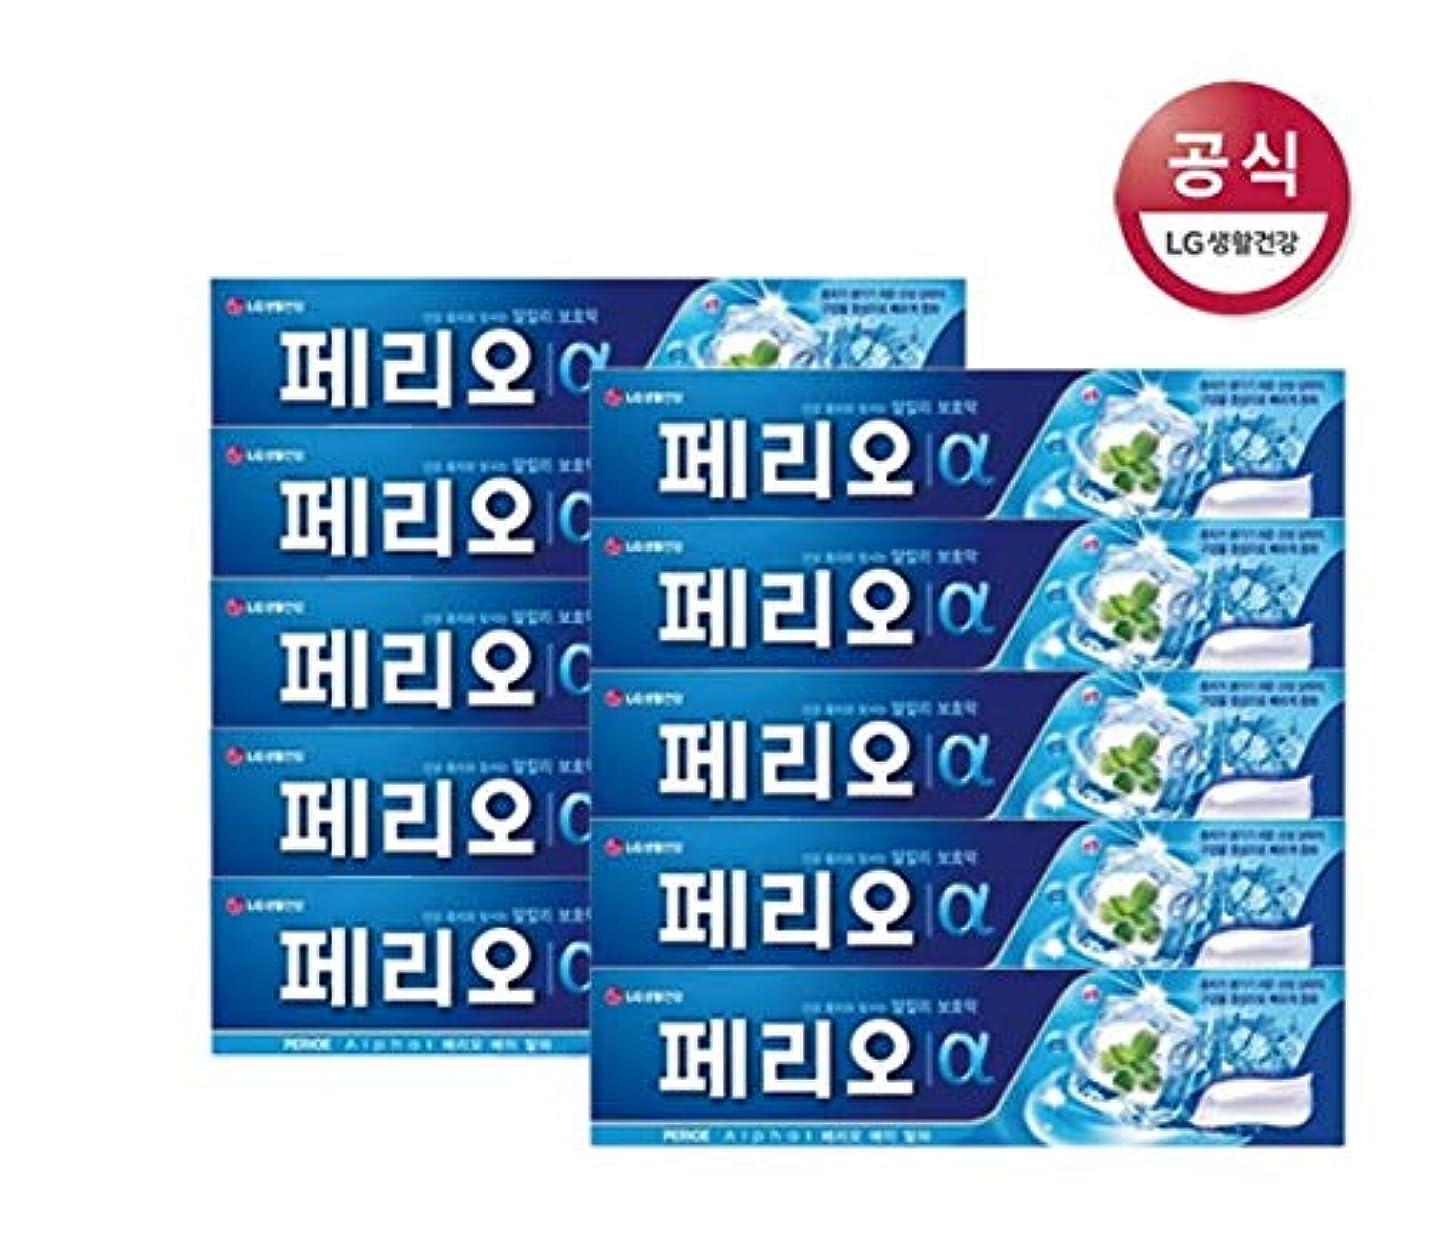 練習仕出します最少[LG Care/LG生活健康]ペリオアルファ歯磨き粉170g x10個/歯磨きセットスペシャル?リミテッドToothpaste Set Special Limited Korea(海外直送品)